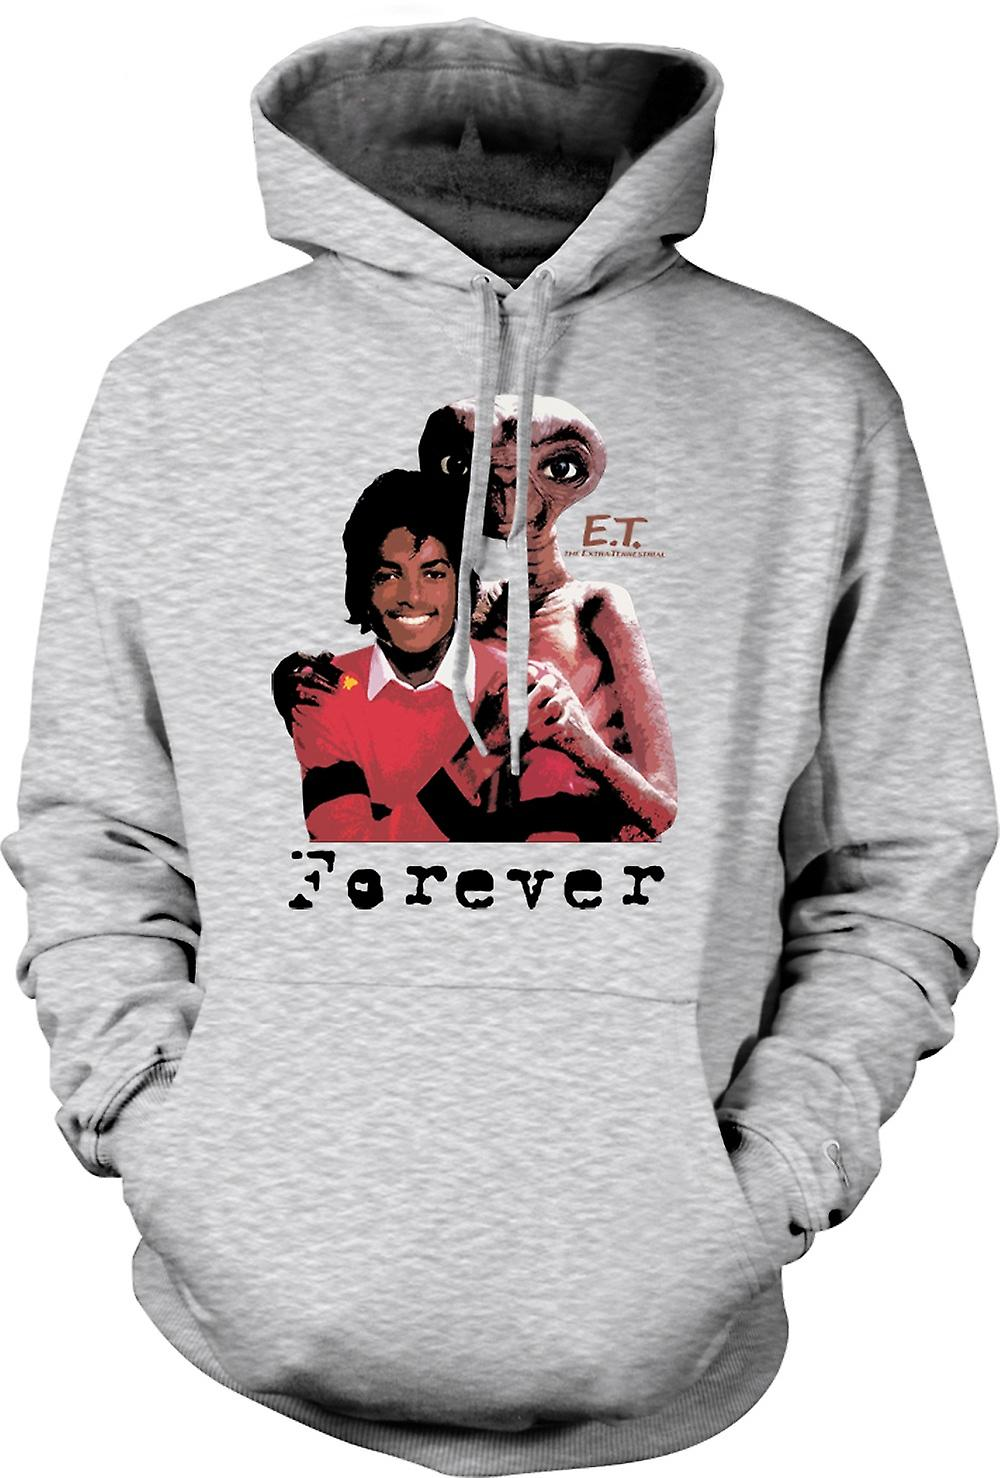 Mens Hoodie - Et Michael Jackson - Forever Alien